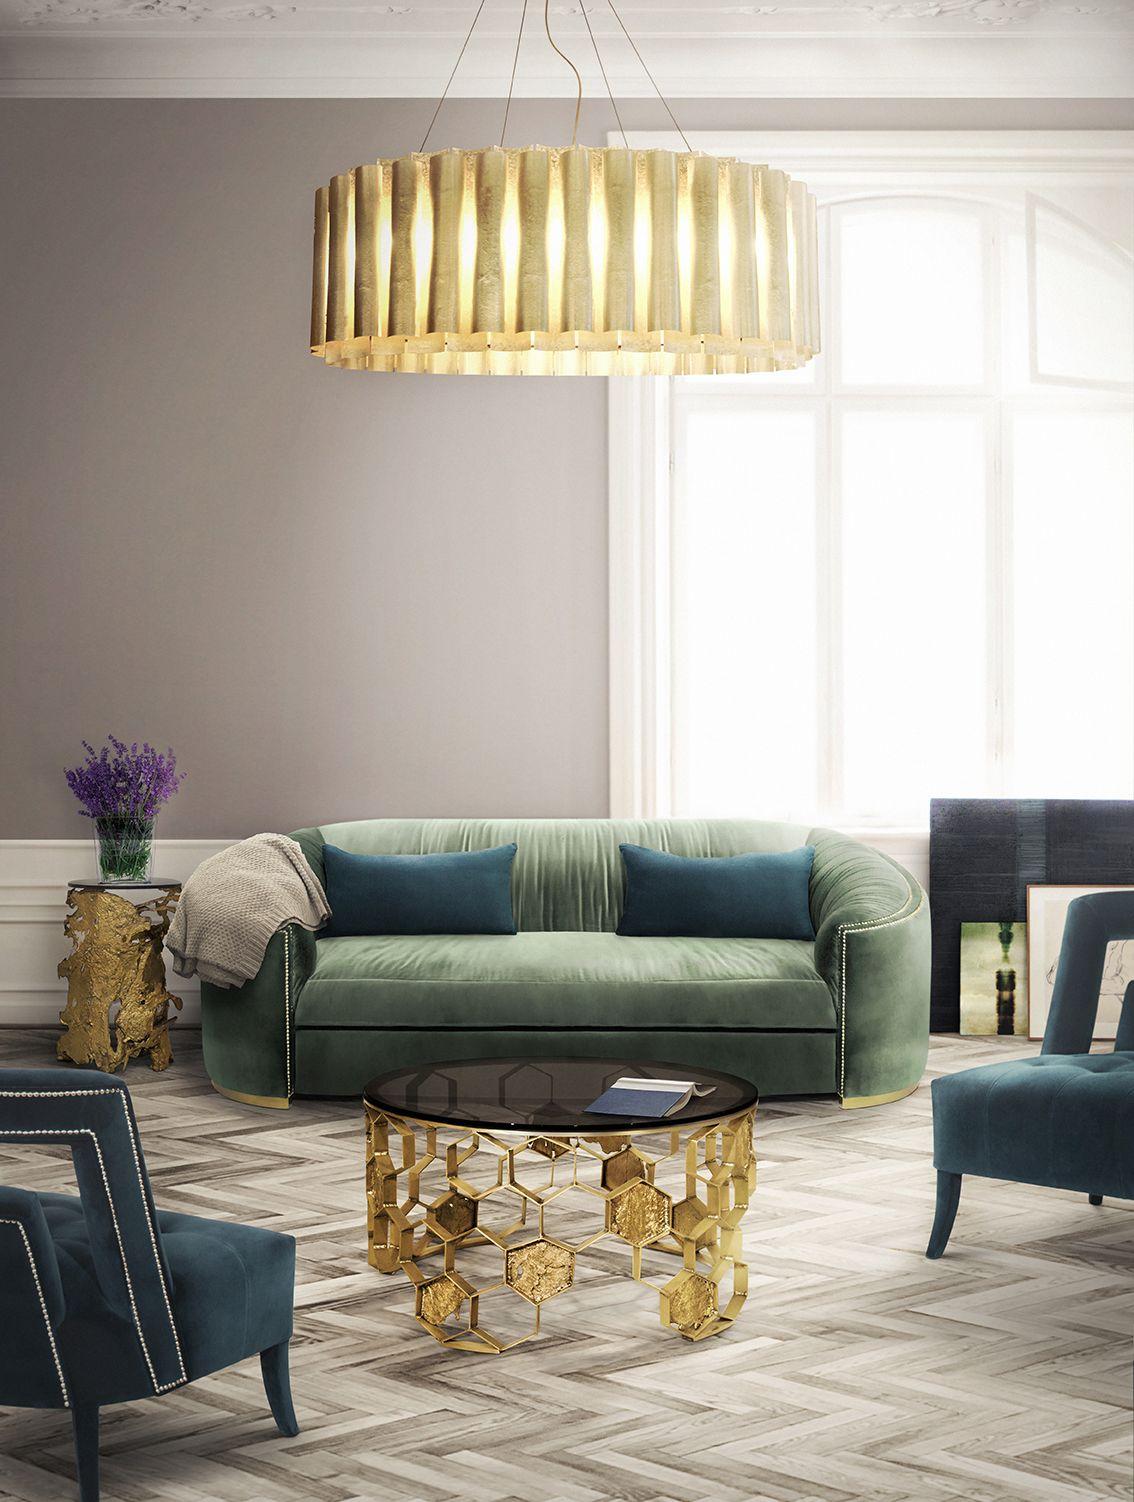 Herbst 2017: Luxuriöse Wohnzimmer für den Herbst | Wohnzimmer Ideen ...